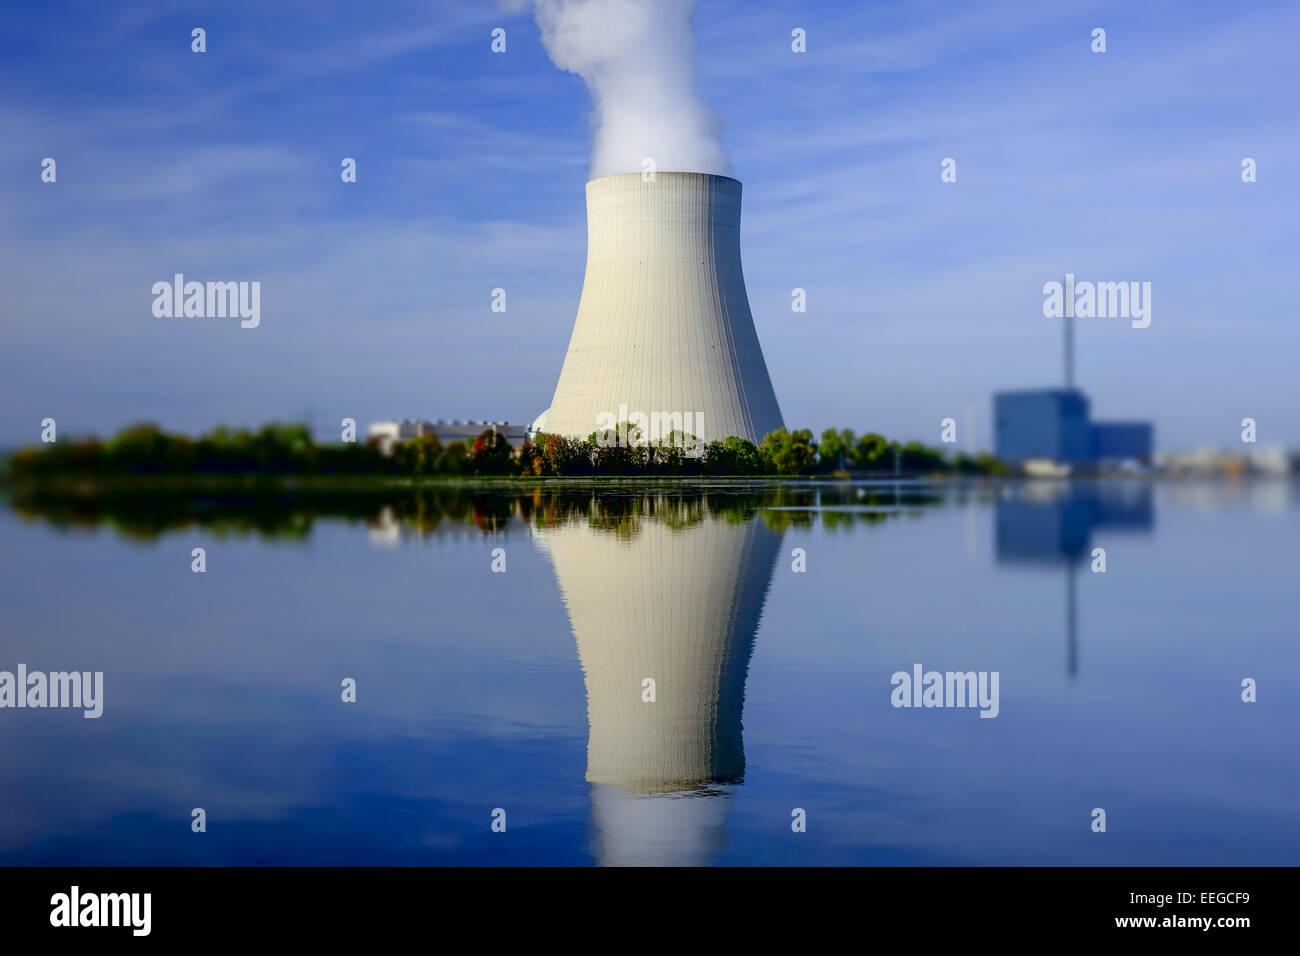 Atomkraftwerk Ohu bei Landshut, Bayern, Deutschland, Nuclear power plant Ohu near Landshut, Bavaria, Germany, Nuclear, - Stock Image